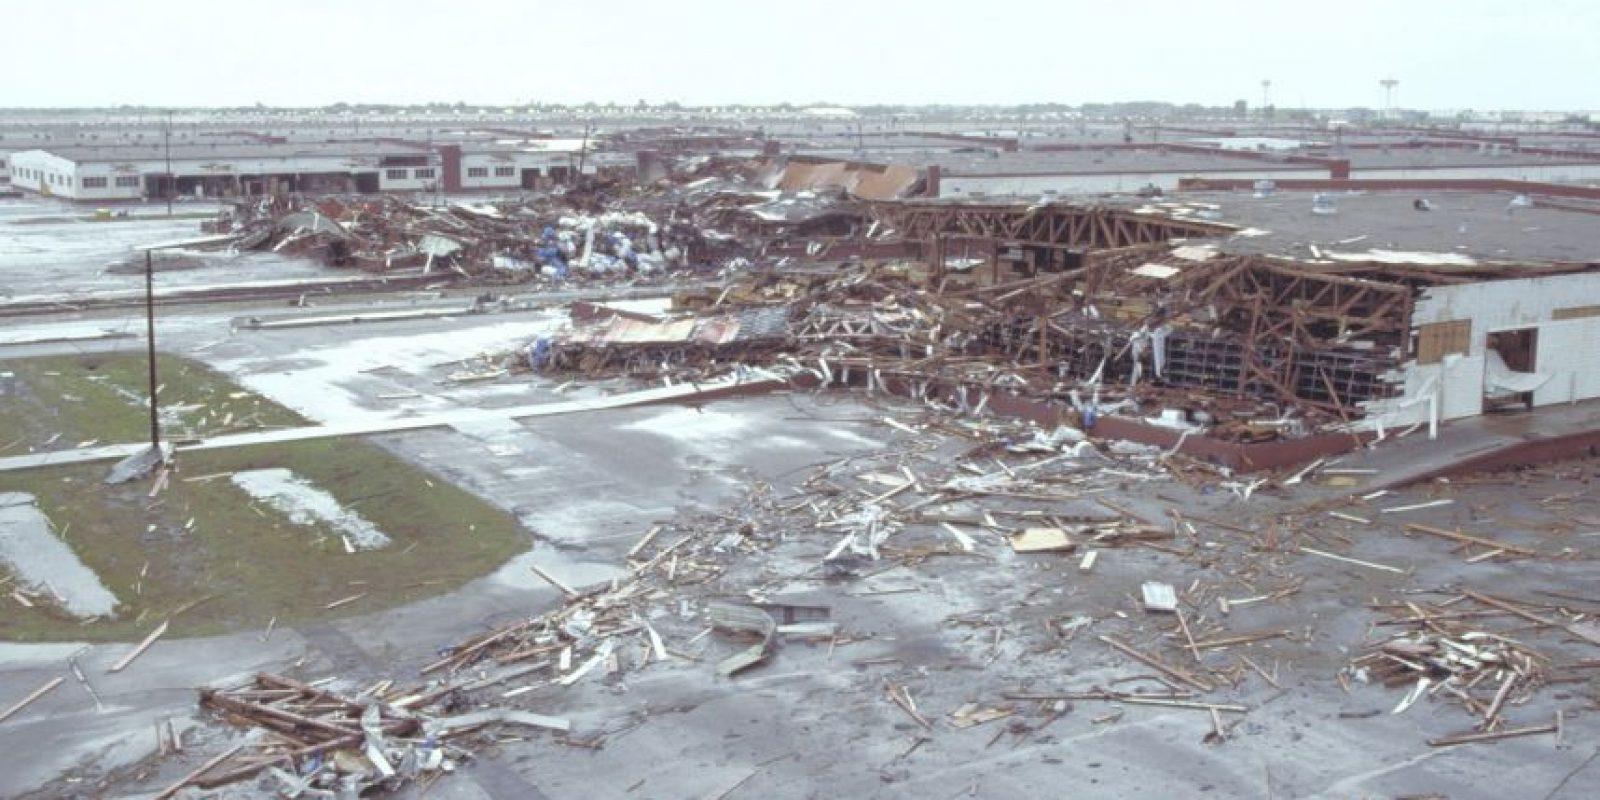 El Huracán Asesino o Gilbert. Este ciclón golpeó durante 9 días el Caribe y el Golfo de México en septiembre de 1988. Los muertos fueron 341 muertos, la mayoría en Mexico y cinco mil 500 billones de dólares en pérdidas. Foto:Vía Wikimedia Commons